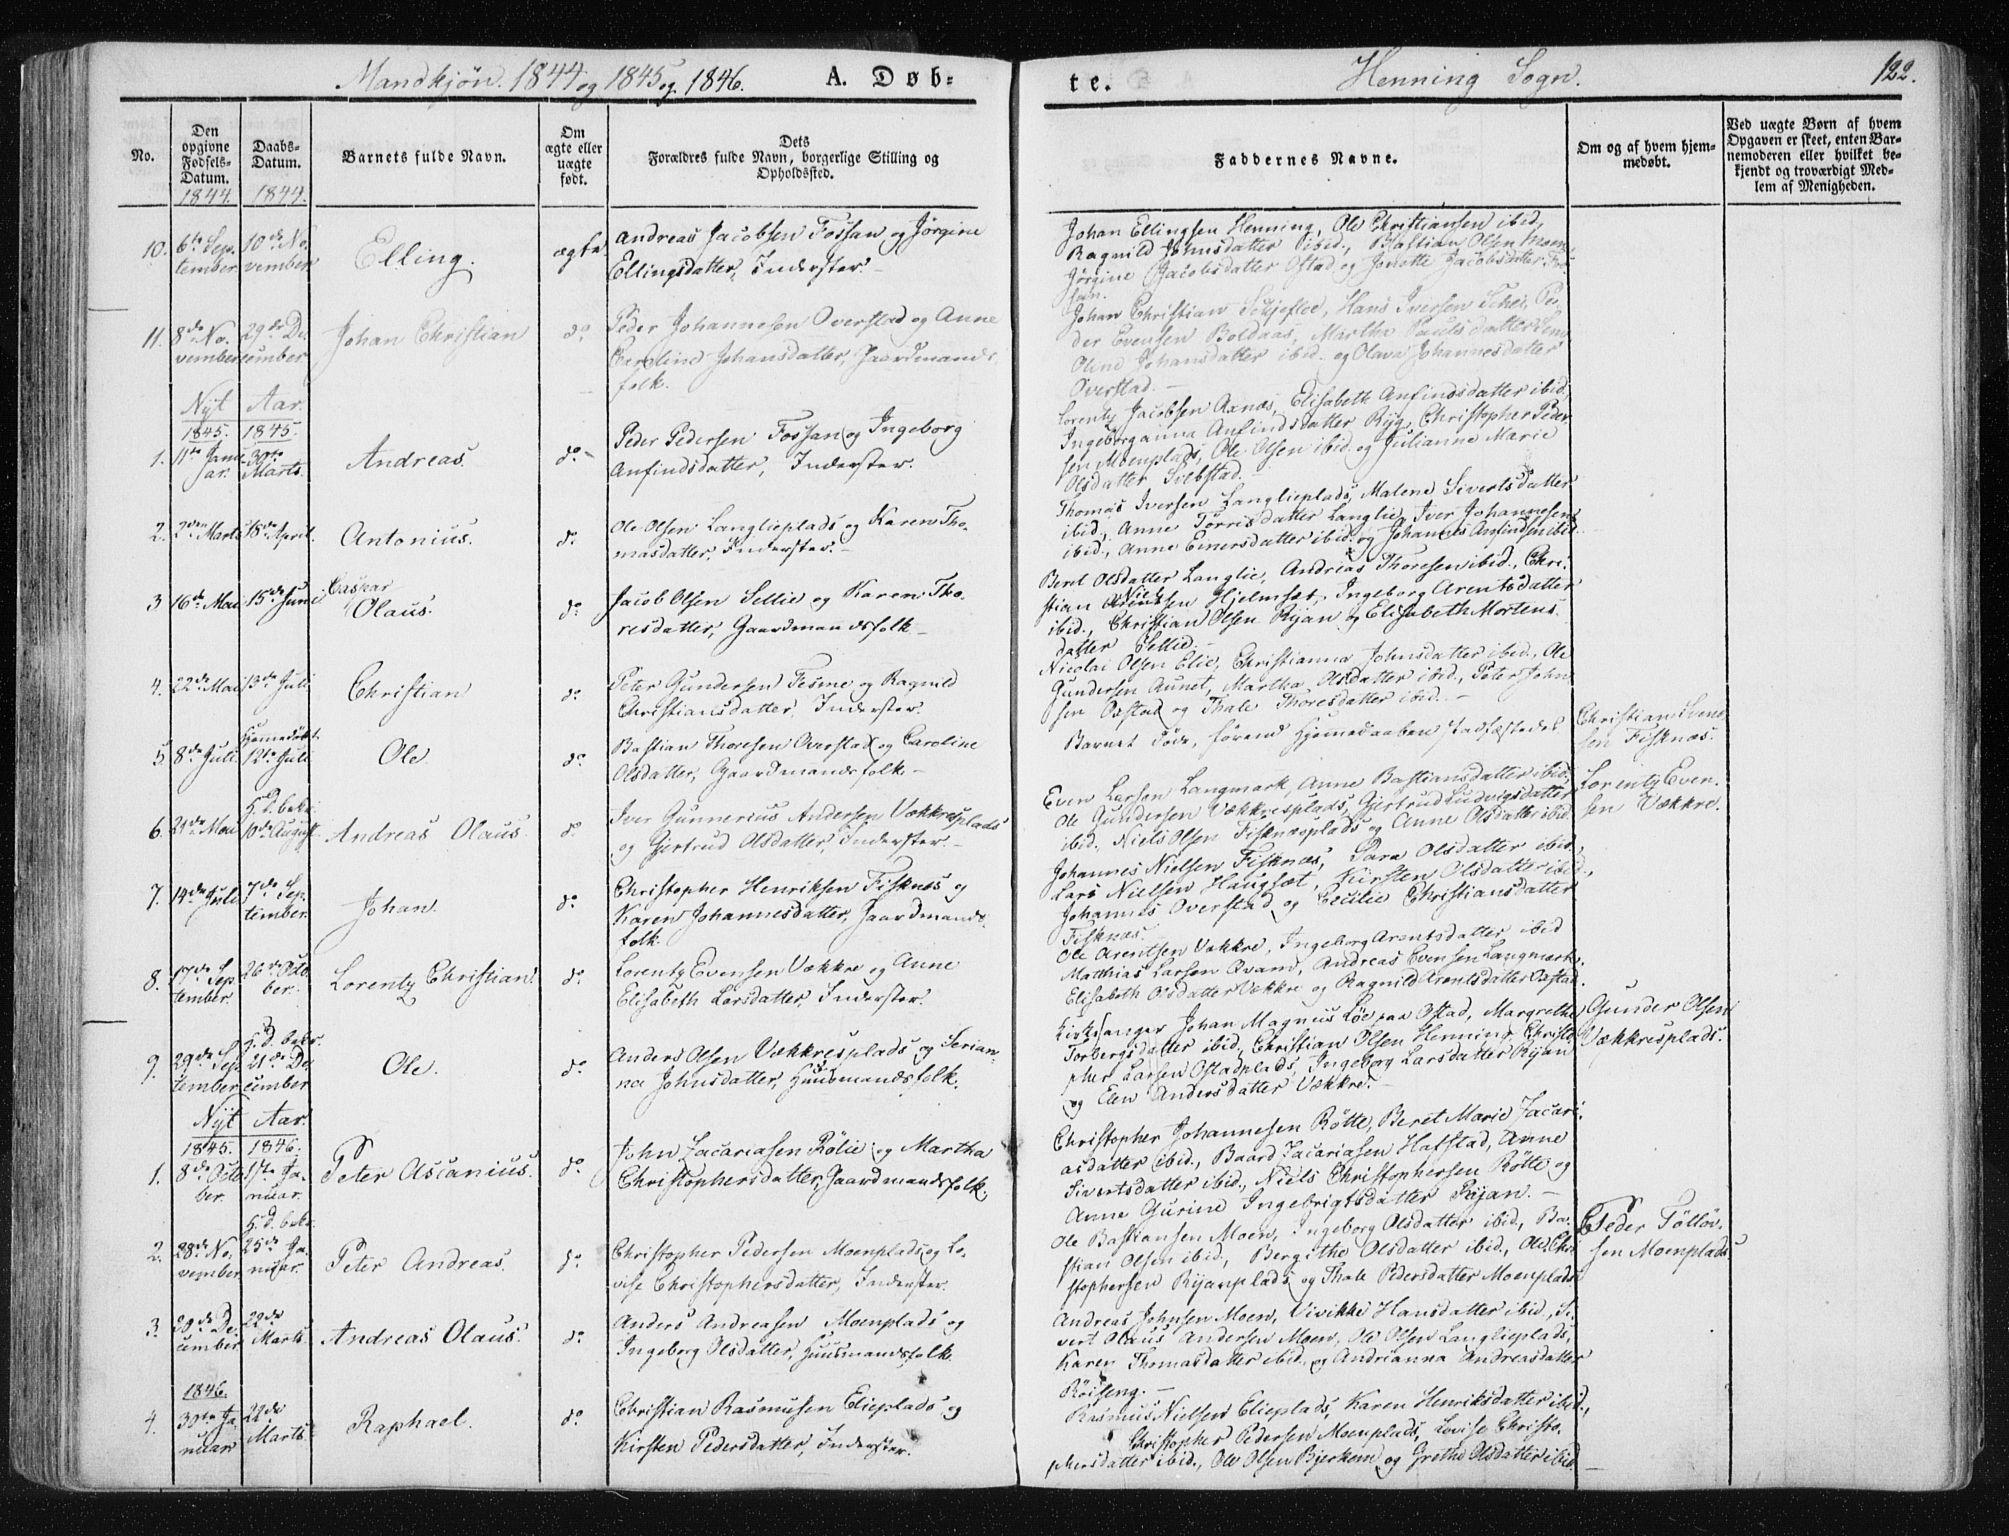 SAT, Ministerialprotokoller, klokkerbøker og fødselsregistre - Nord-Trøndelag, 735/L0339: Ministerialbok nr. 735A06 /3, 1836-1848, s. 122